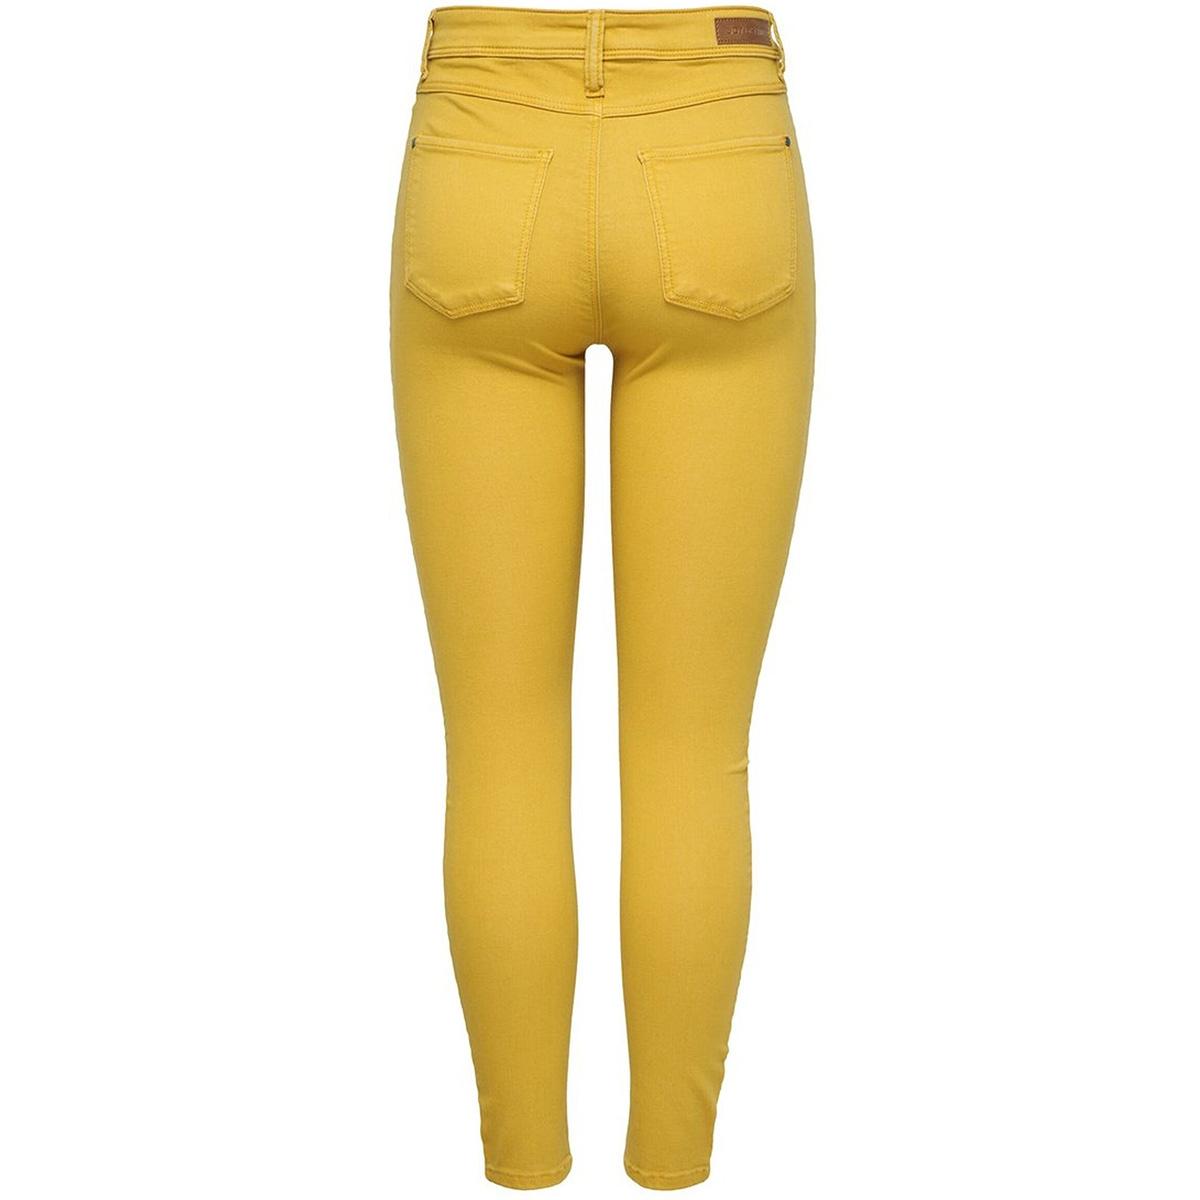 jdylara high skinny jegging pnt 15179996 jacqueline de yong jeans harvest gold